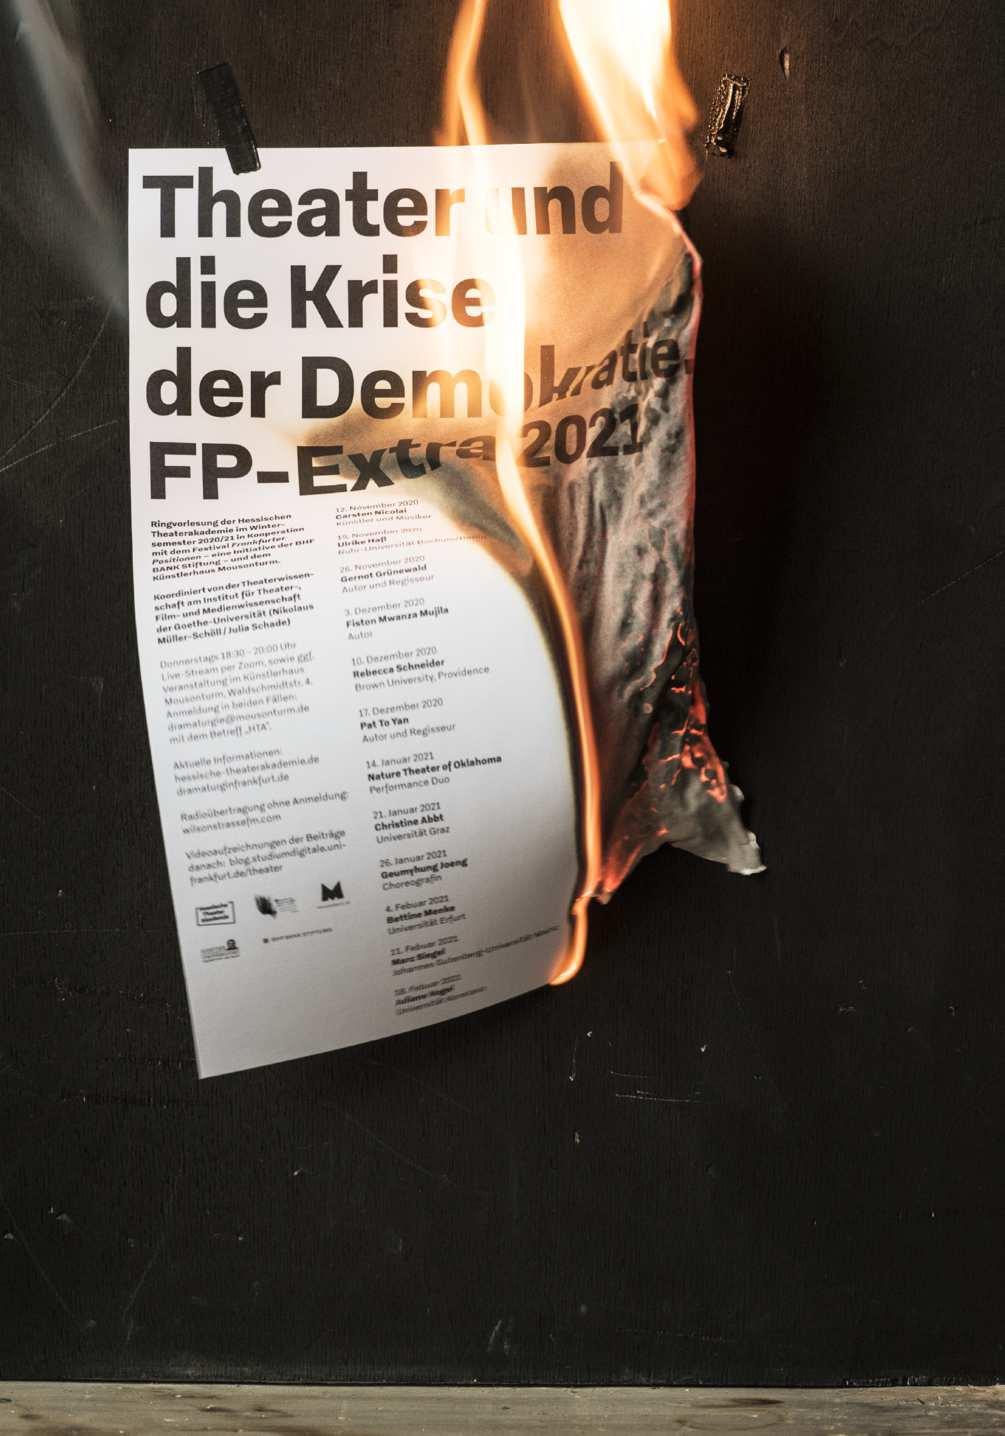 krise-der-demokratie-photo-06-1005x1436px